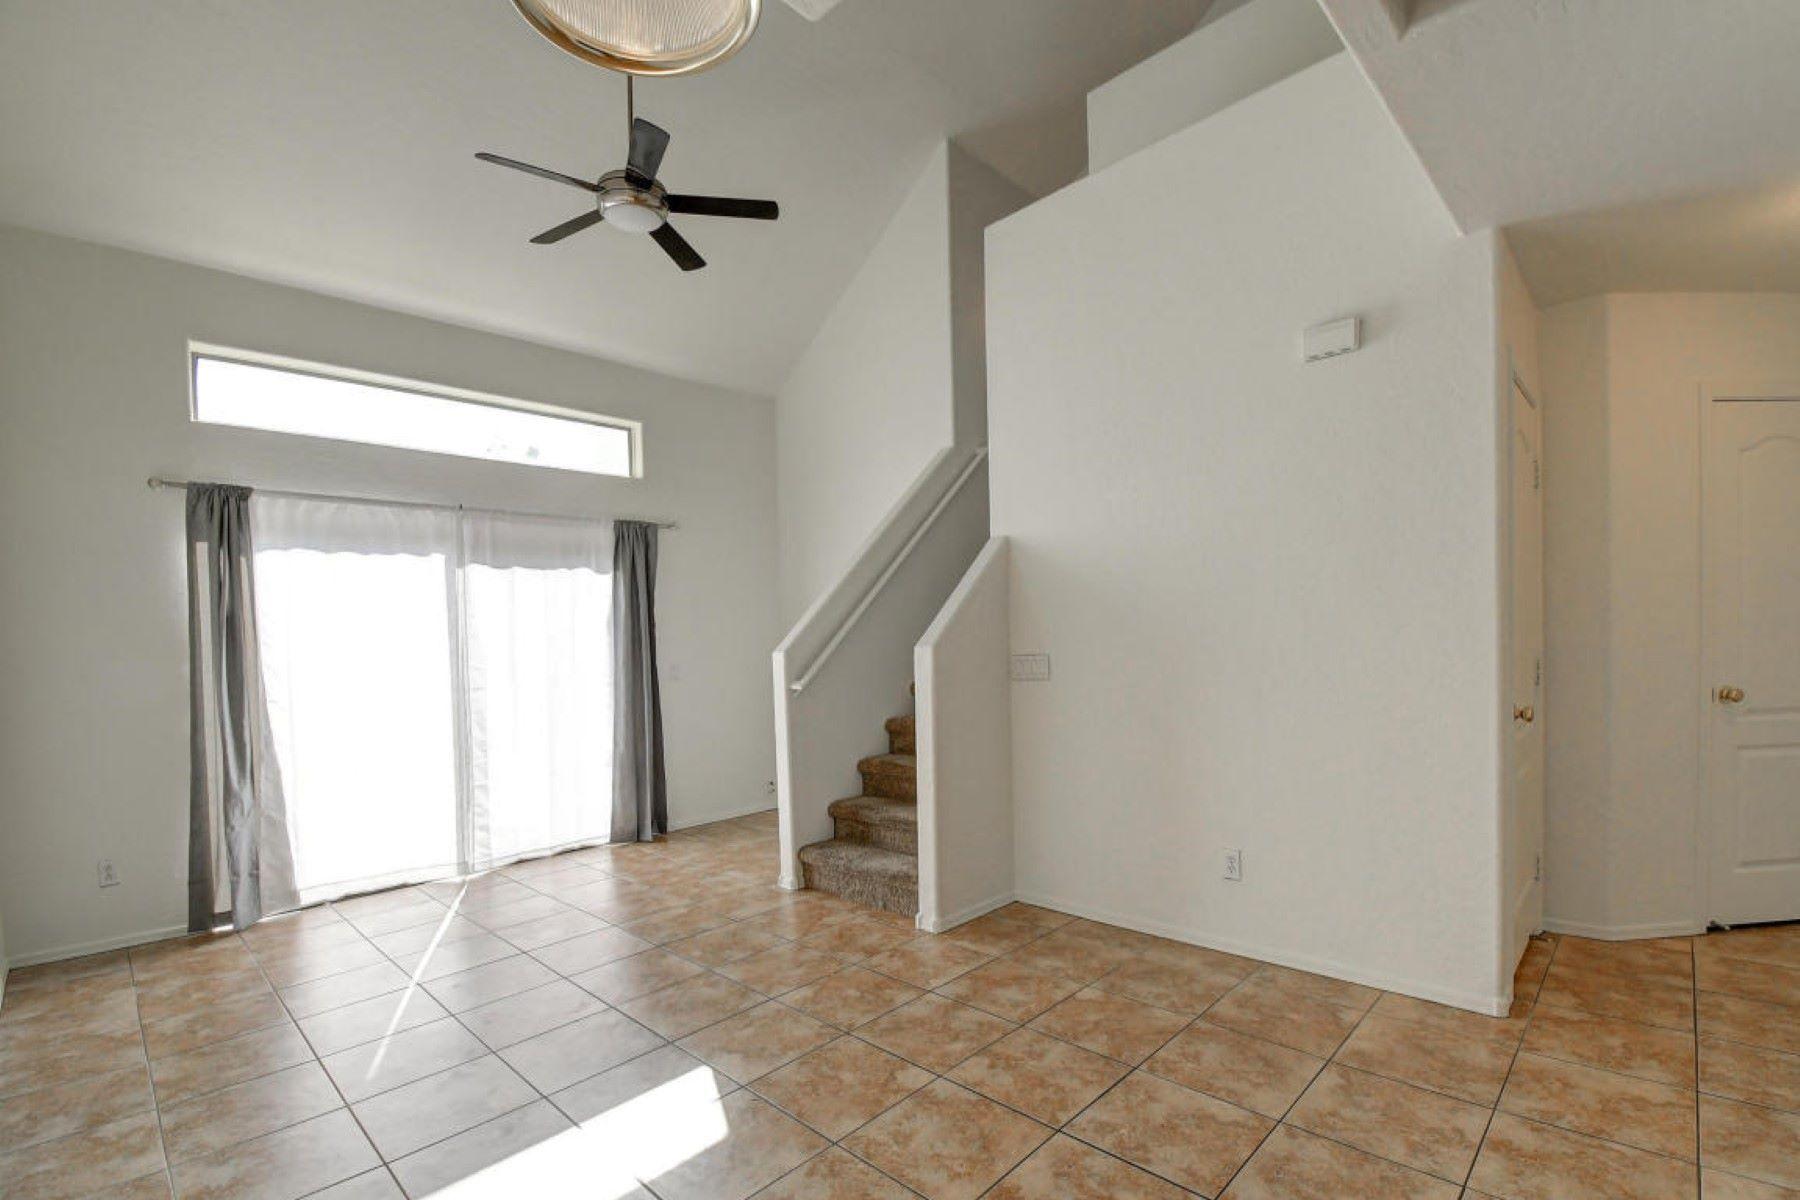 Maison accolée pour l à vendre à Nicely Maintained home in Gated complex 2027 E UNIVERSITY DR 107, Tempe, Arizona, 85281 États-Unis